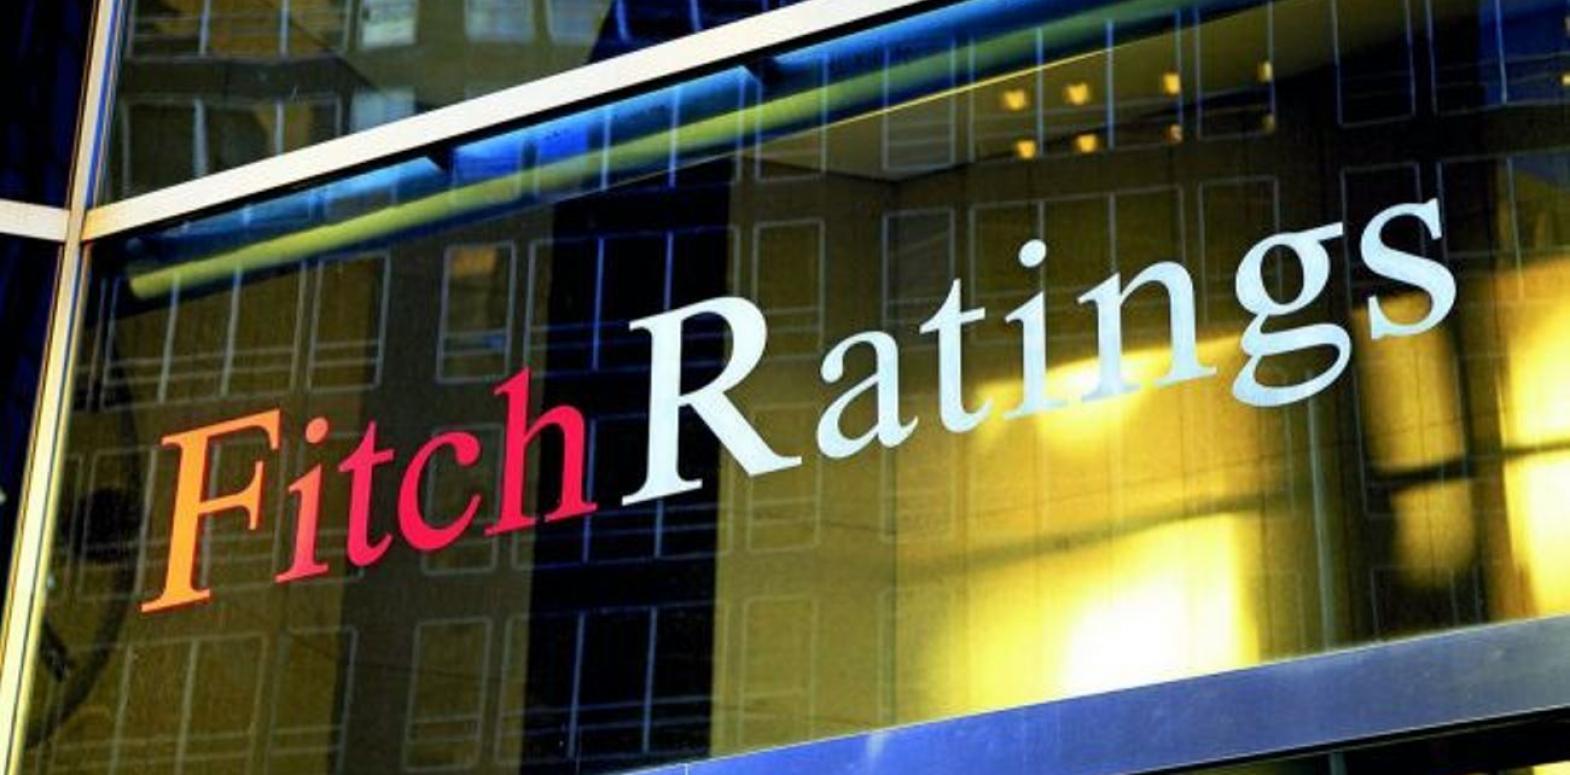 Агентство Fitch подтвердило кредитный рейтинг Украины